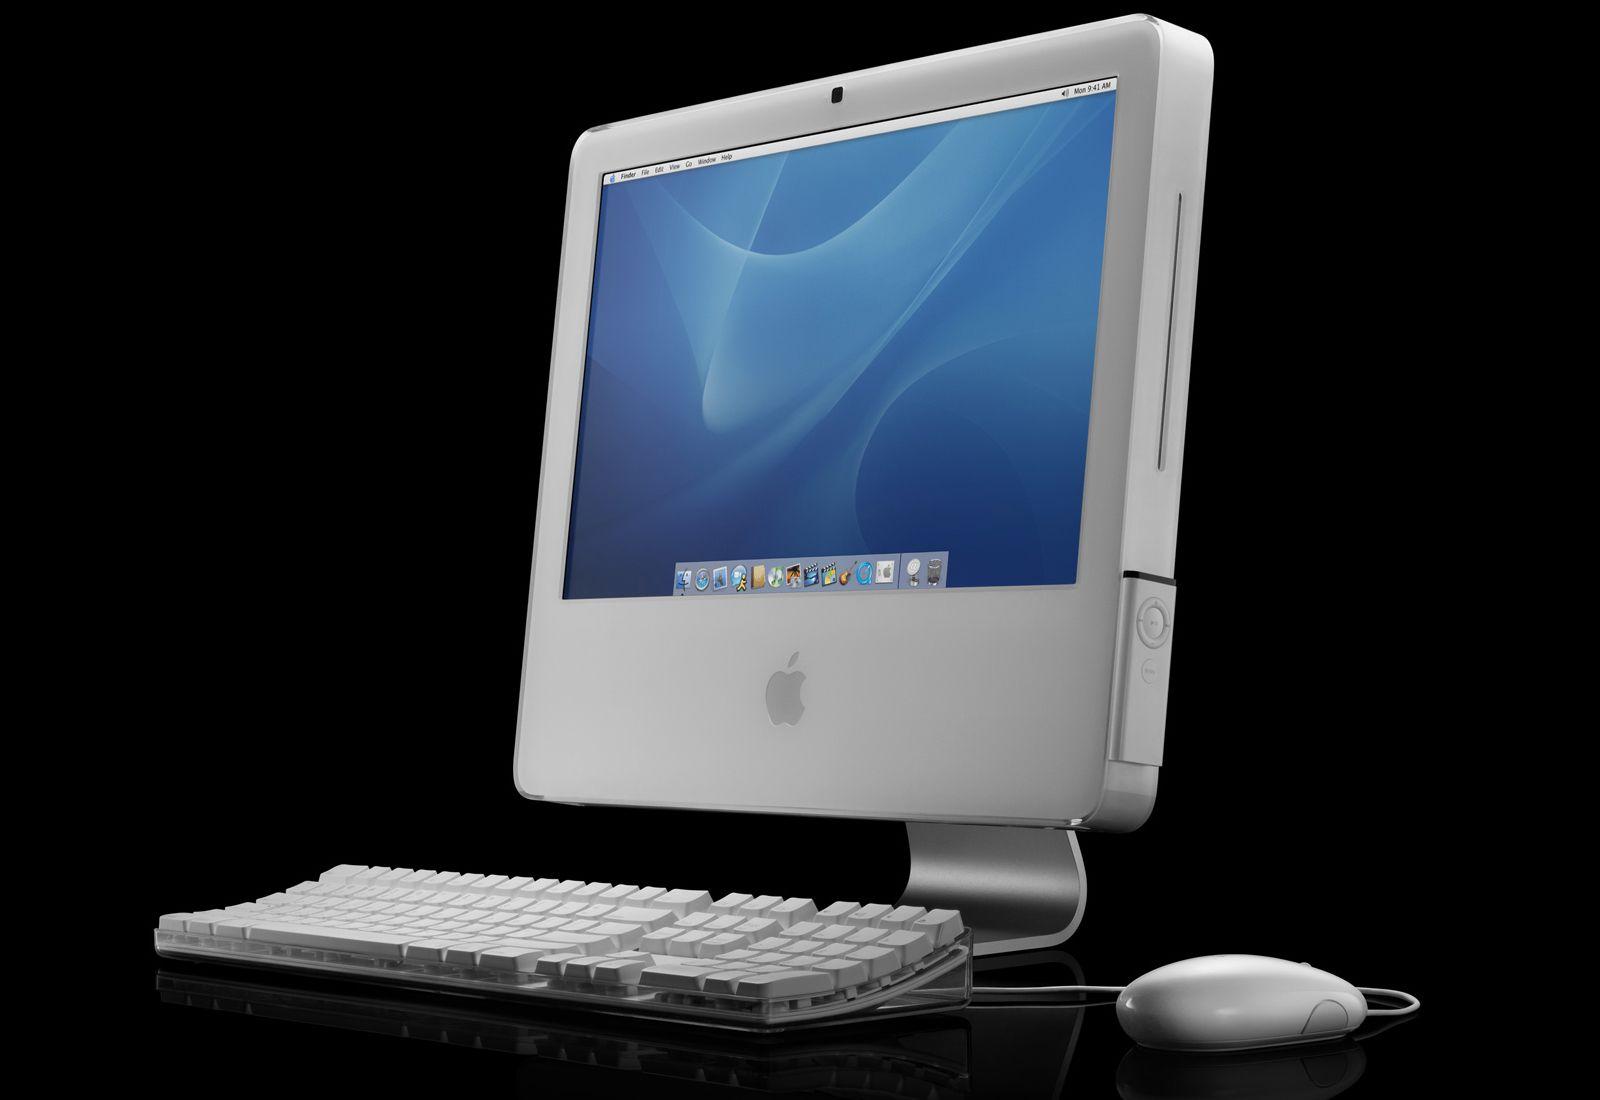 iMac G5, 2005